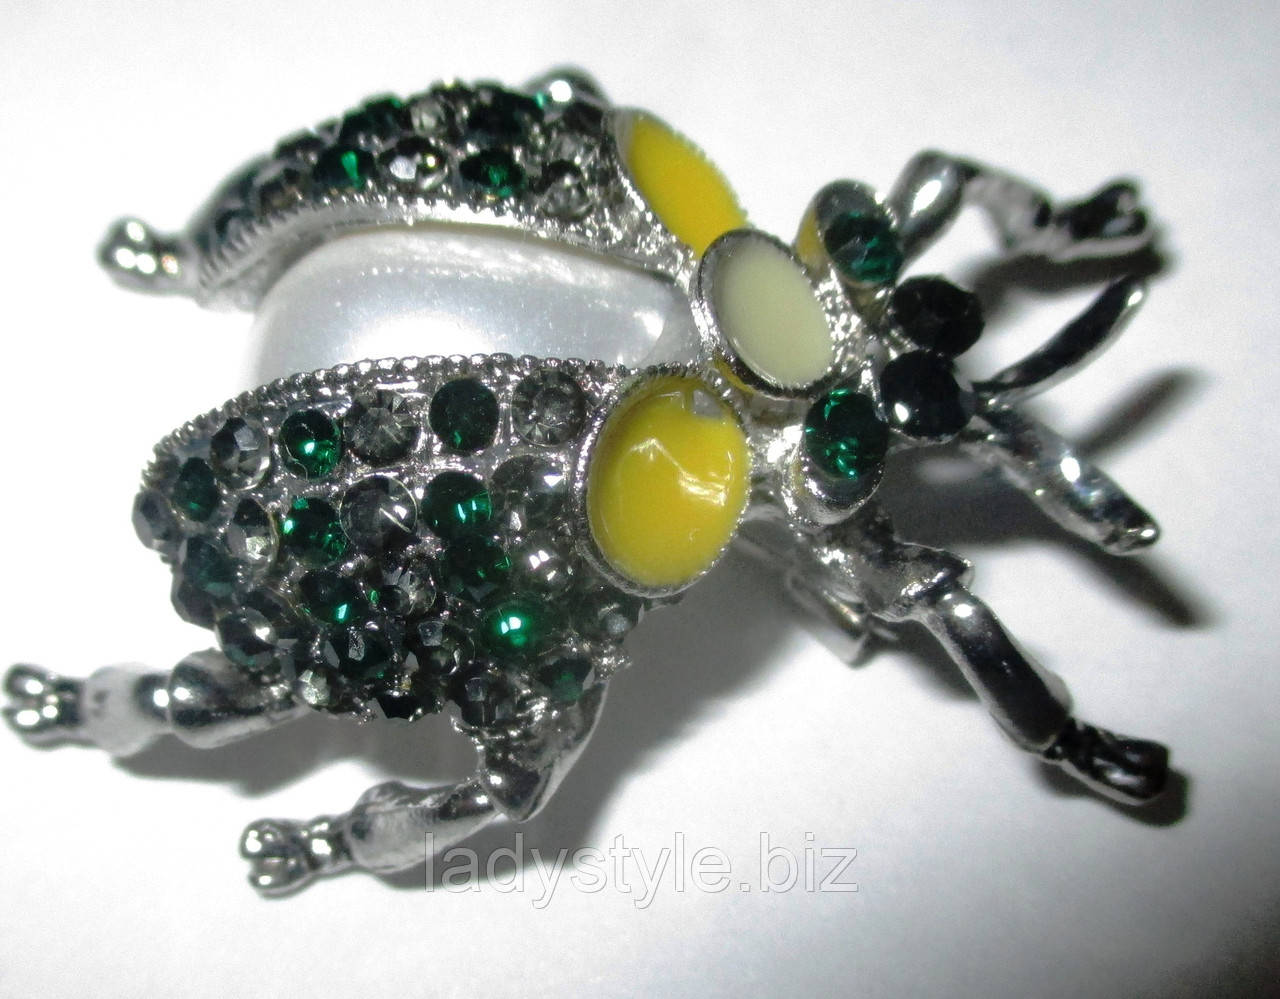 Красива брошка - жук з перлиною від студії LadyStyle.Biz